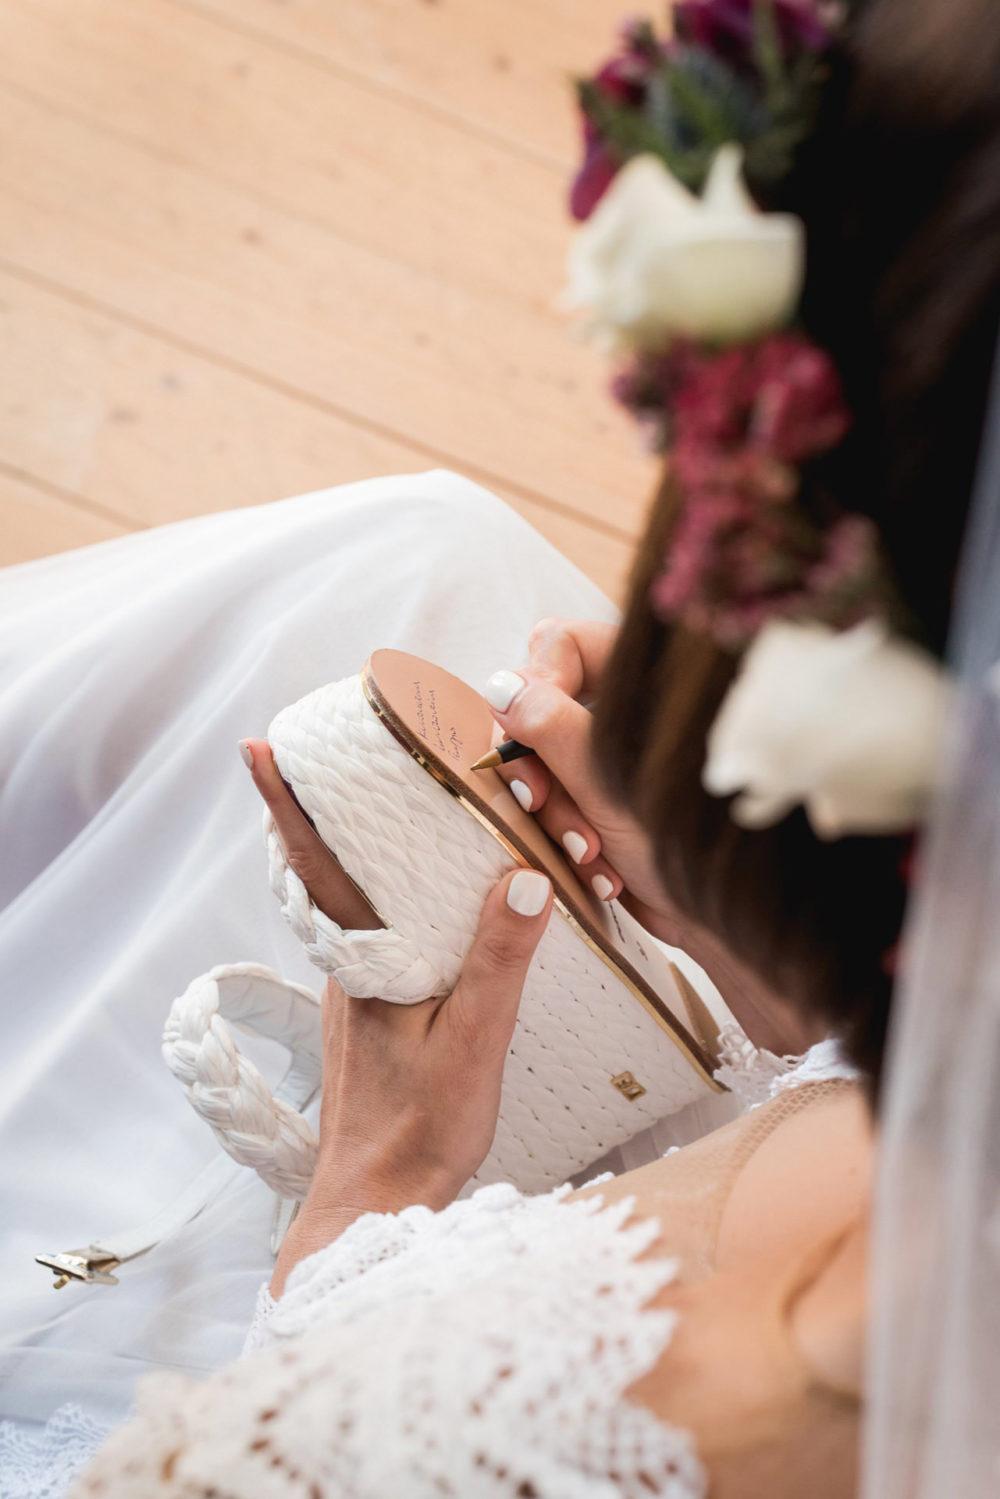 Fotografisi Gamou Wedding Gamos Fotografos Alekos & Mania066